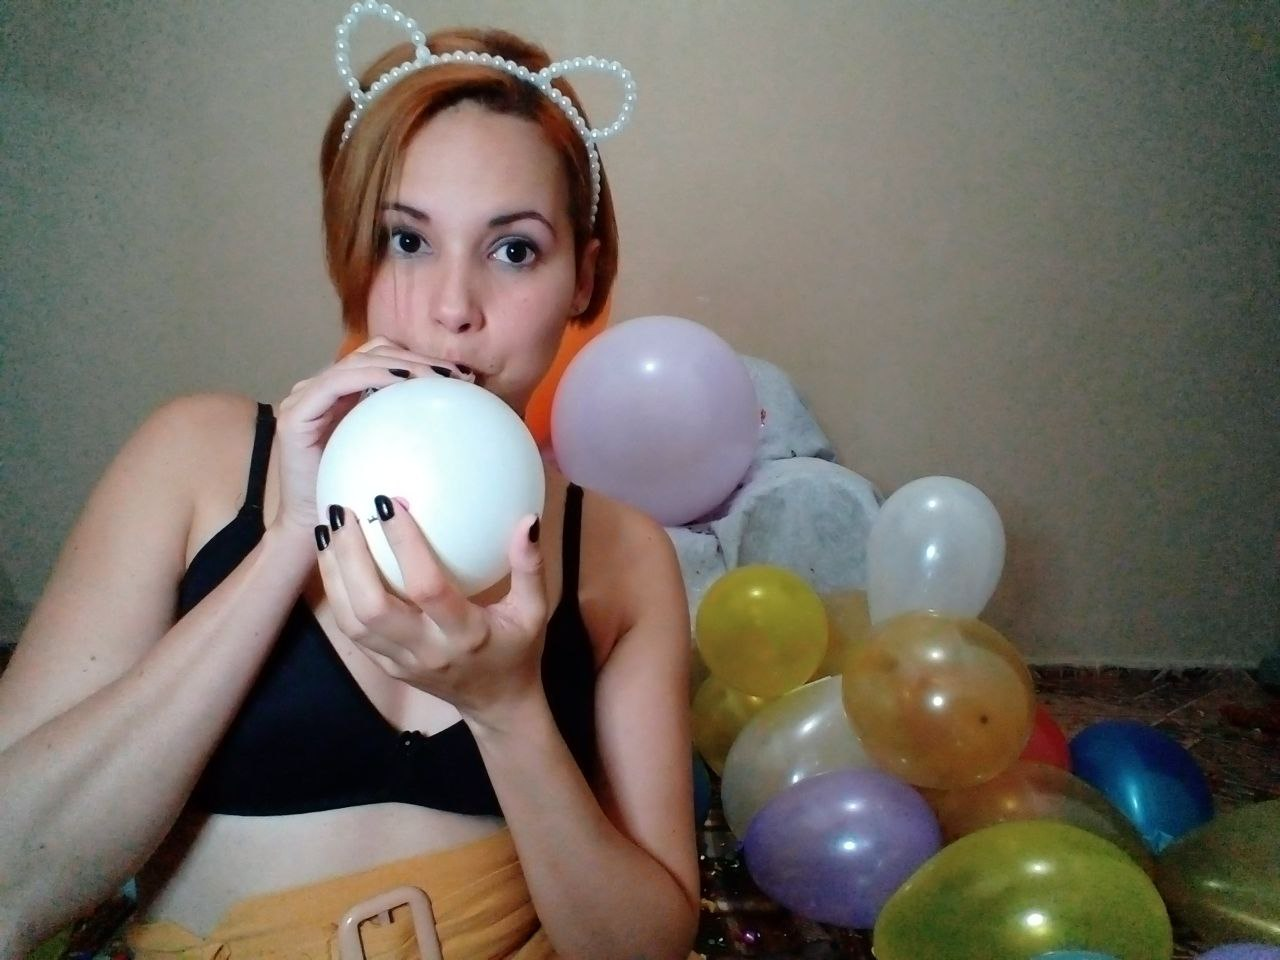 Fabi inflating balloons